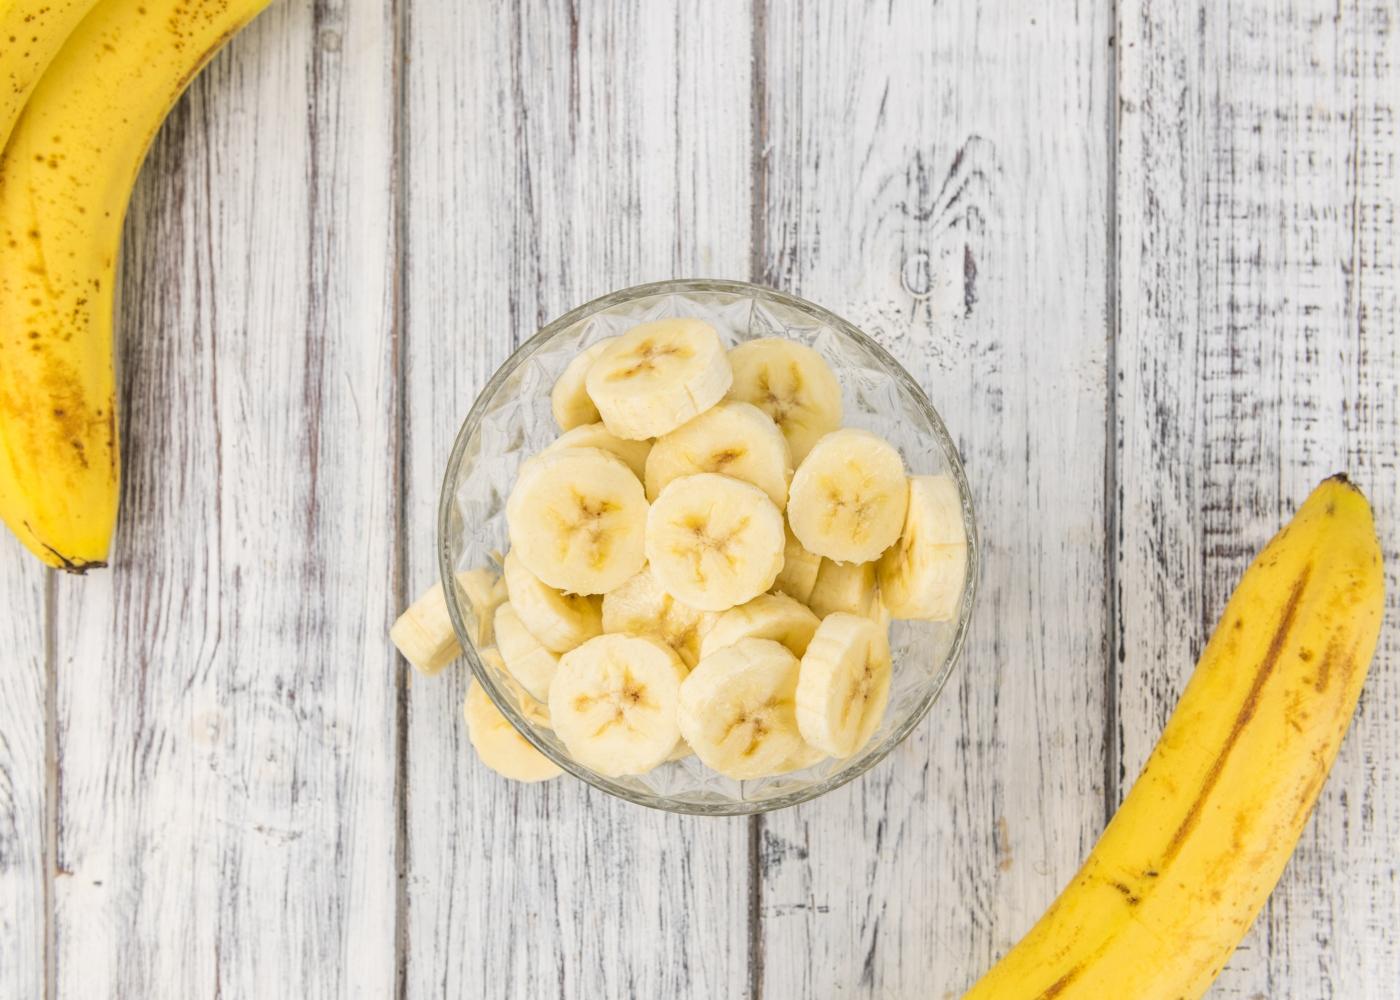 Frasco com banana fatiada